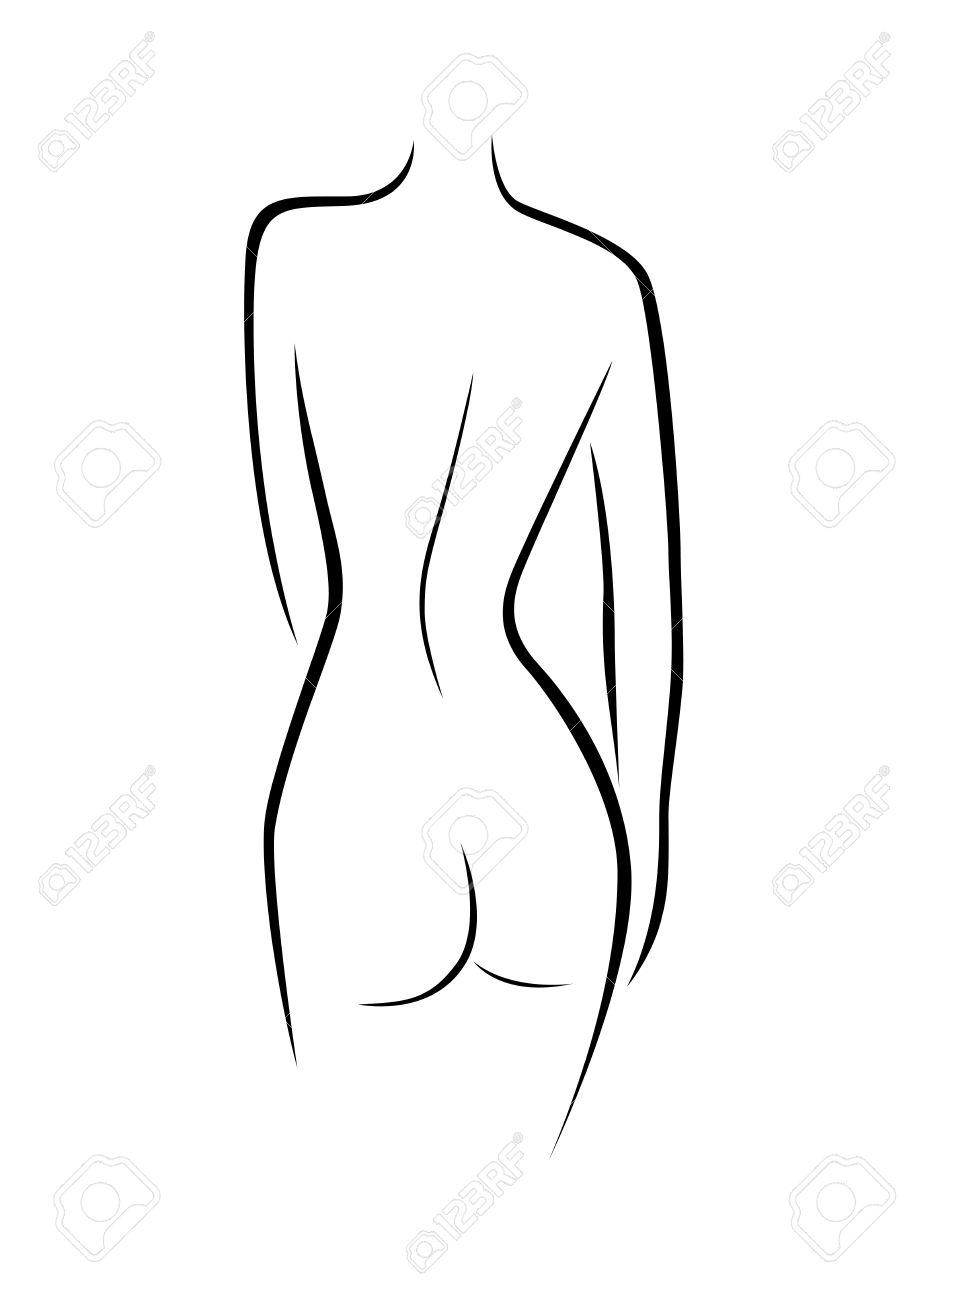 risunki-golih-kontur